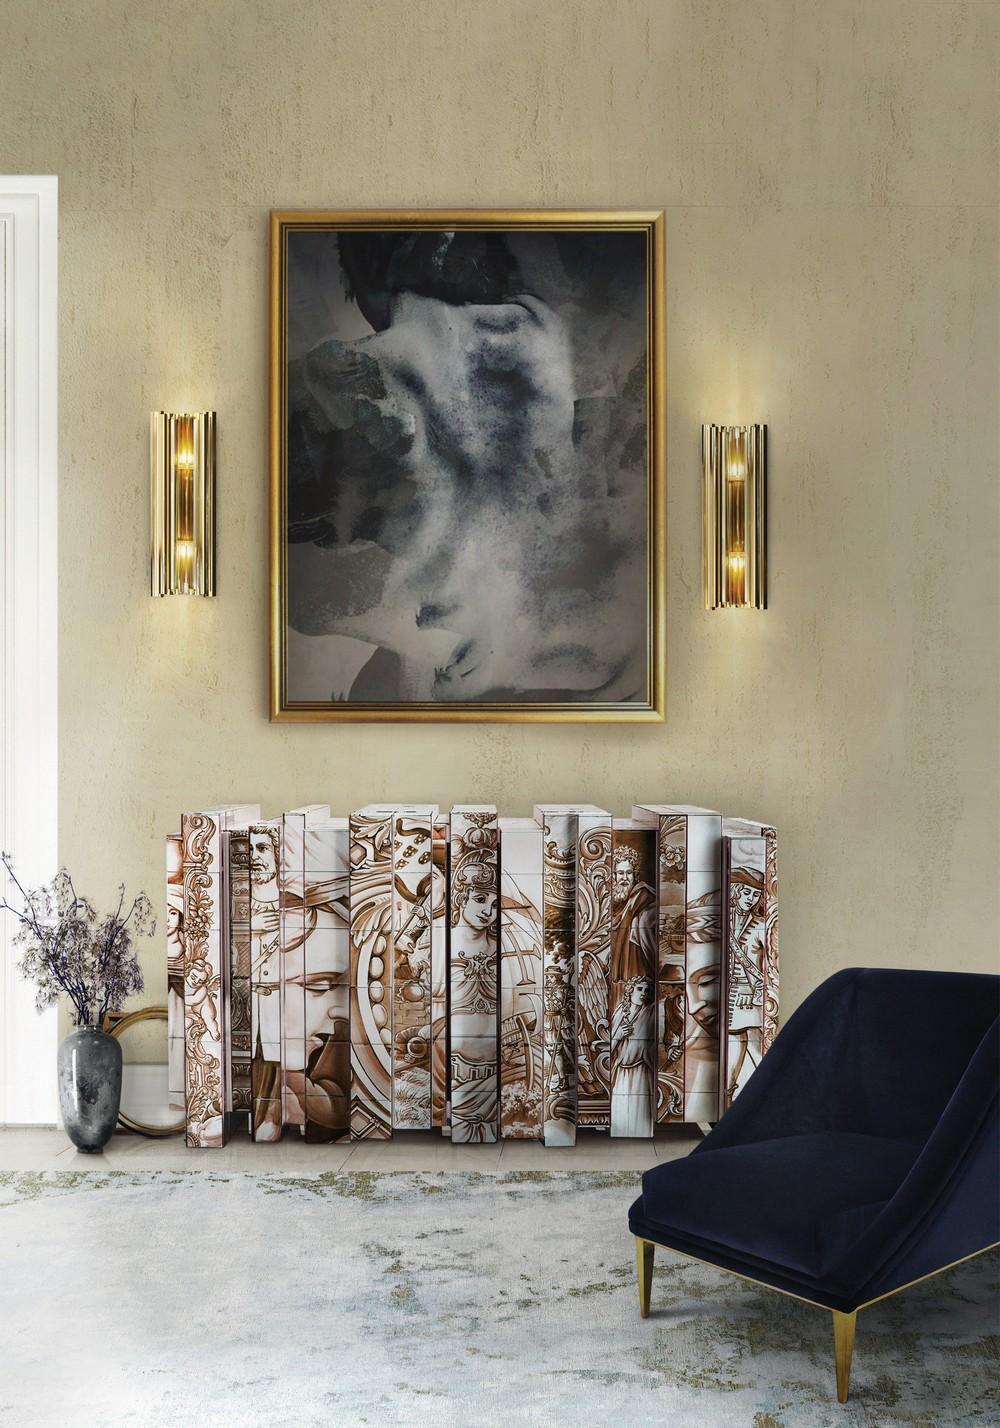 Romantic design romantic design ideas You'll Love These Romantic Design Ideas For your Dining Room Area BL Hall 7